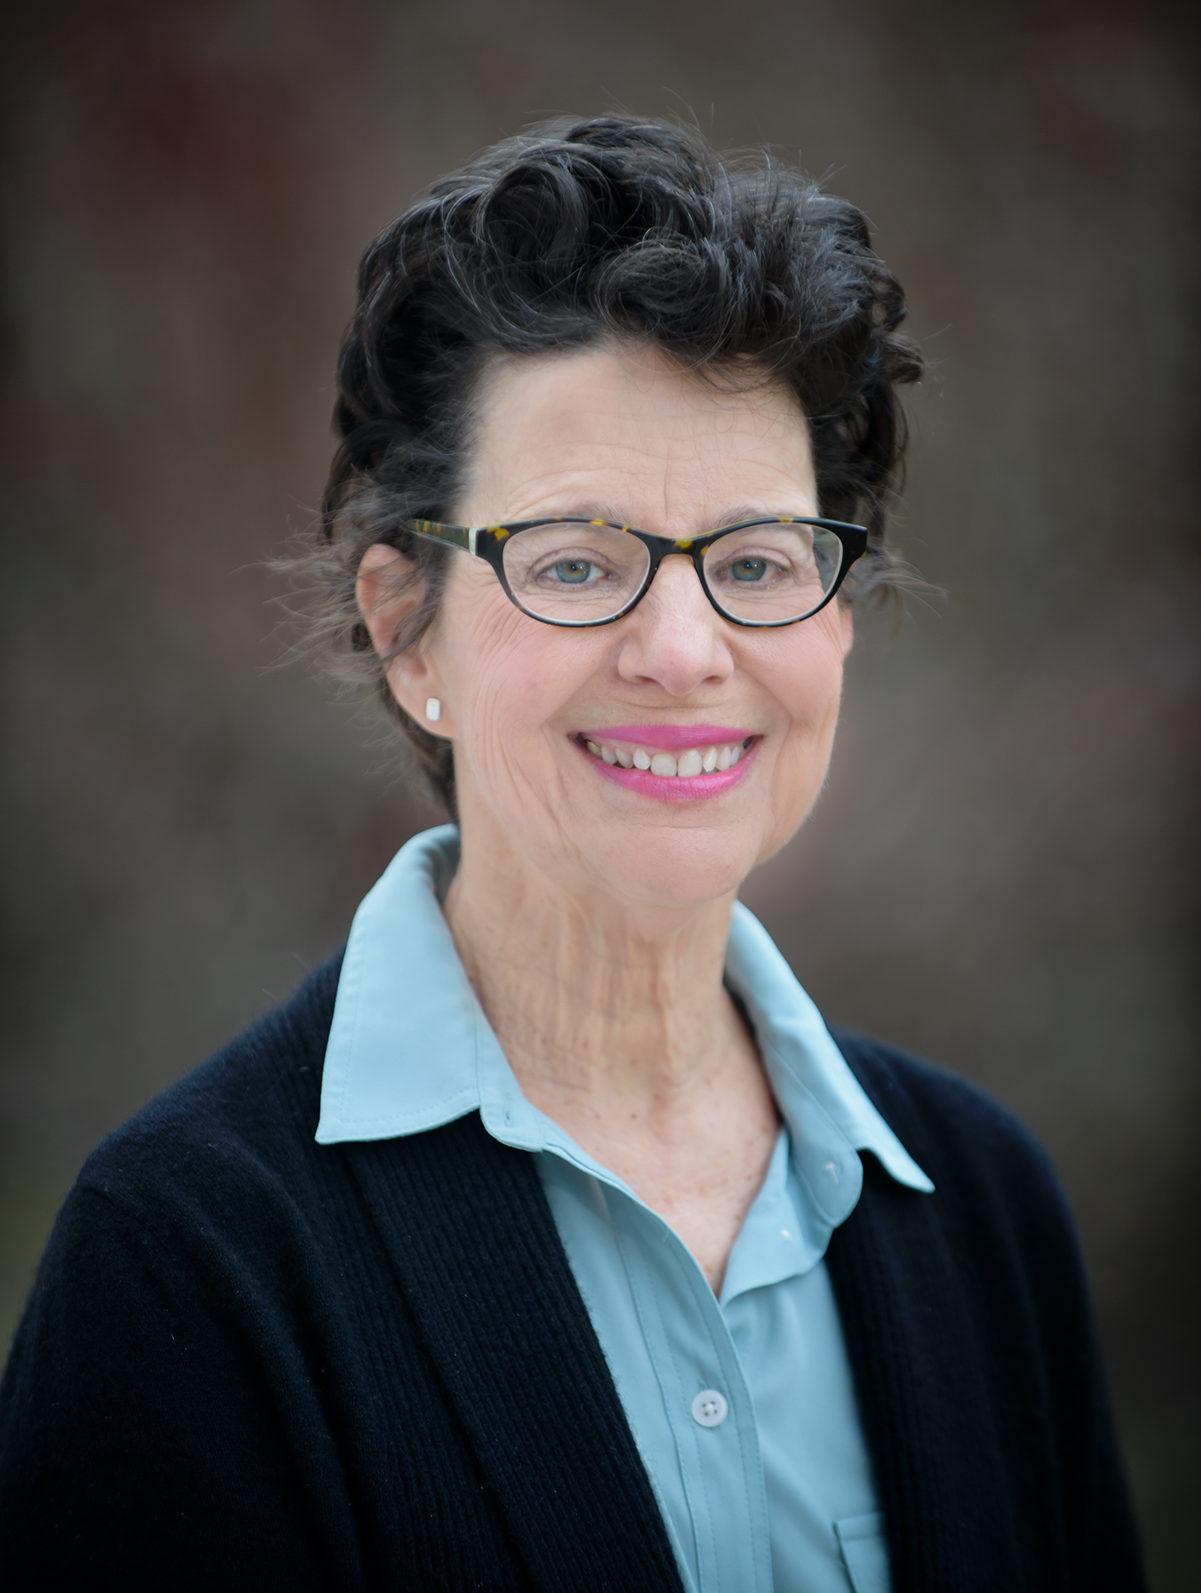 Kathy Spiegelman